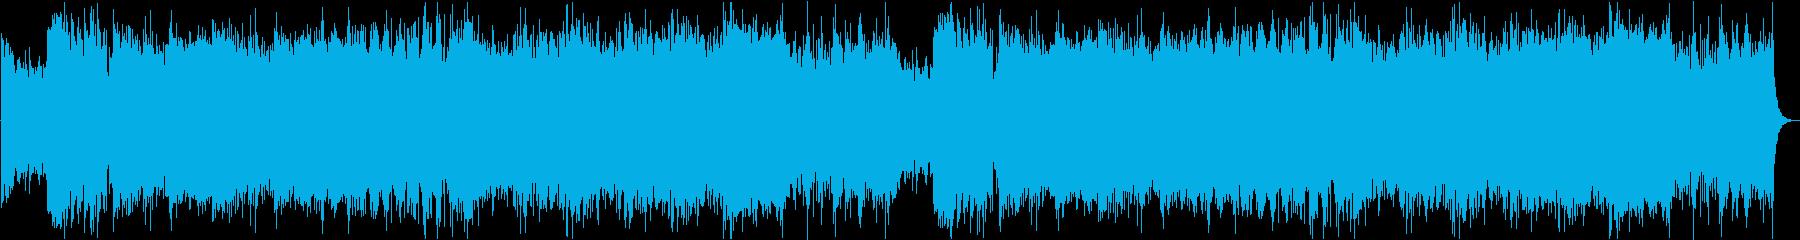 ハイテンションなサイバー戦闘曲の再生済みの波形